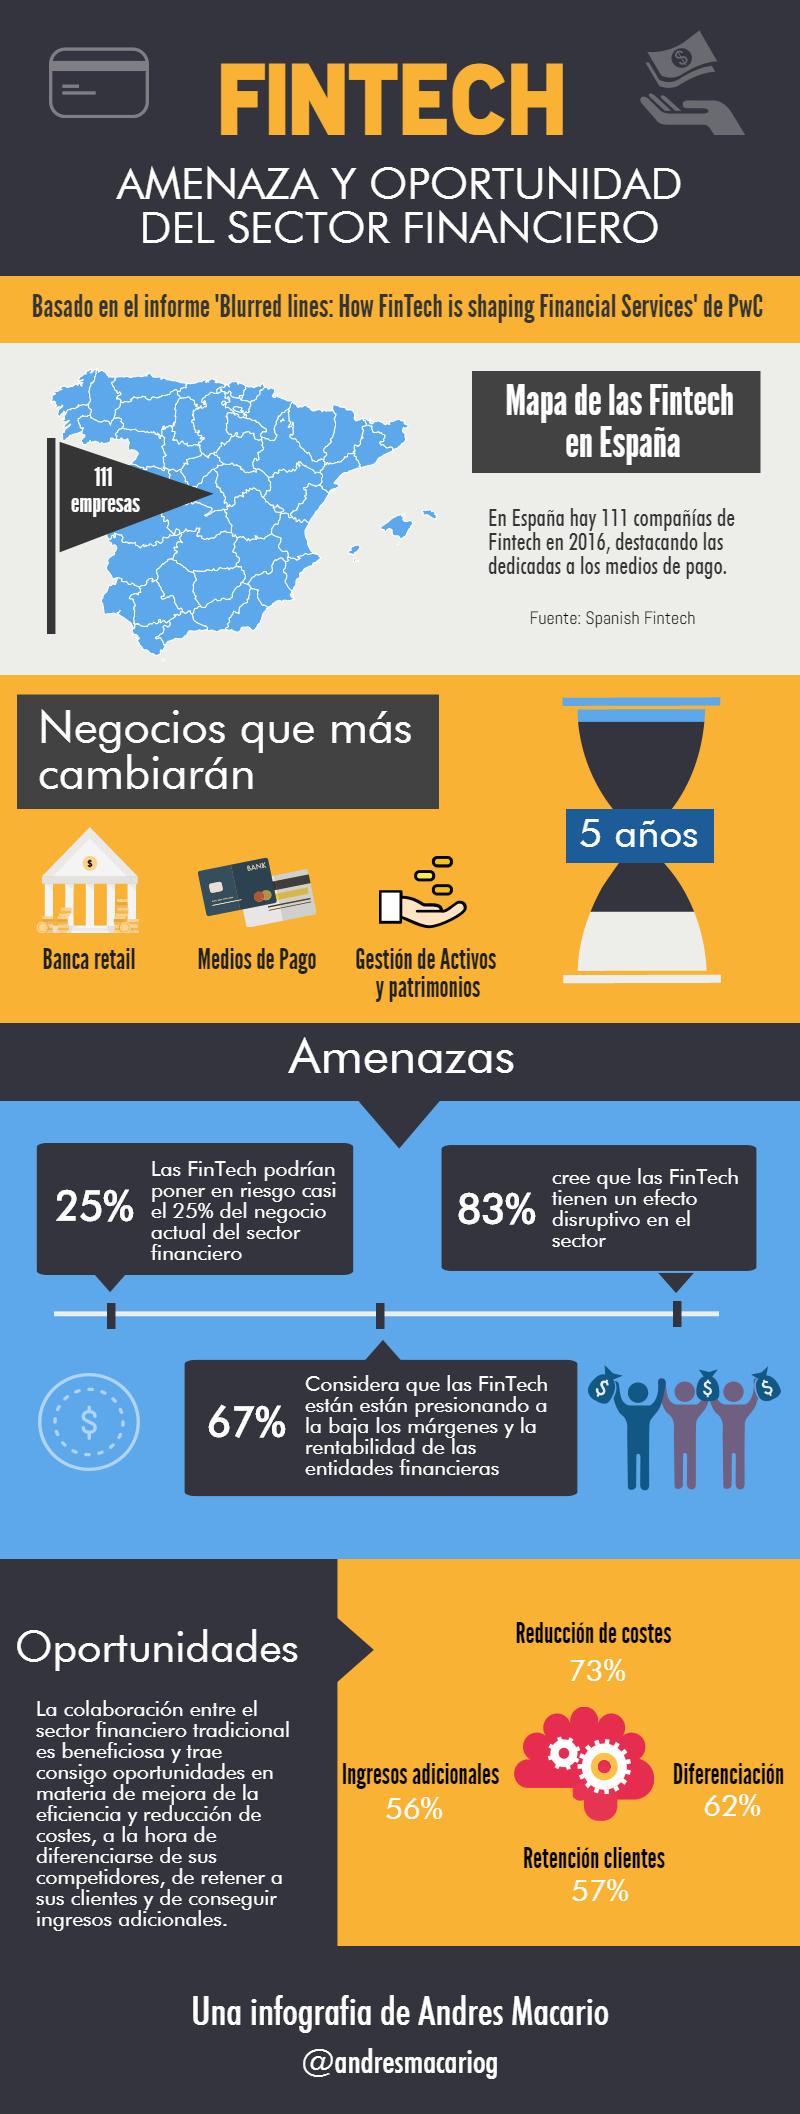 Fintech-amenaza-y-oportunidad-sector-financiero-Infografia-Andres-Macario